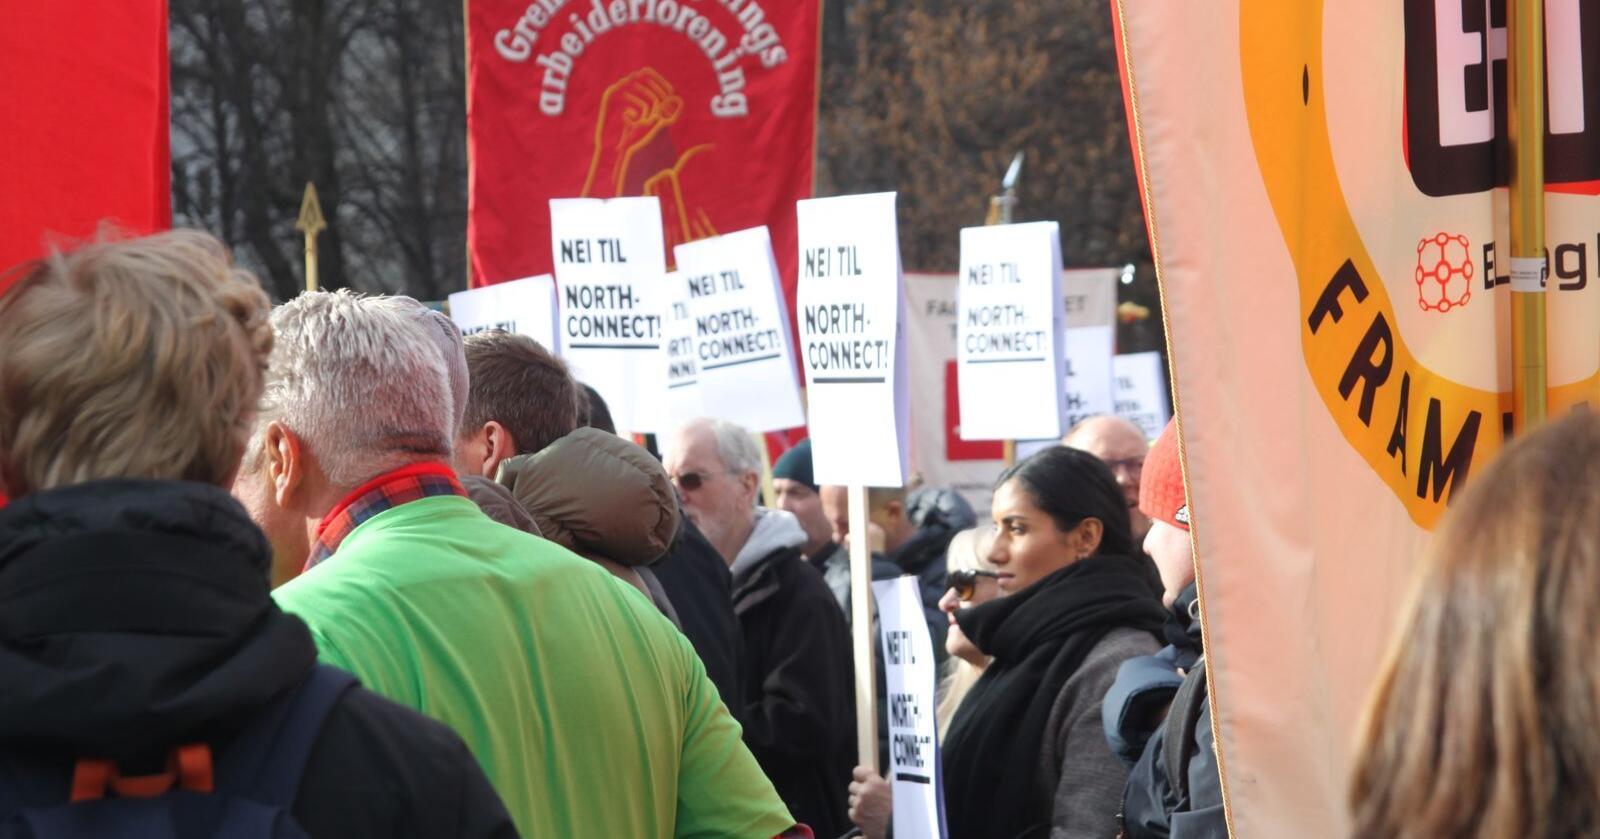 Demonstrasjon mot NorthConnect utenfor Stortinget. Foto: Henrik Heldahl